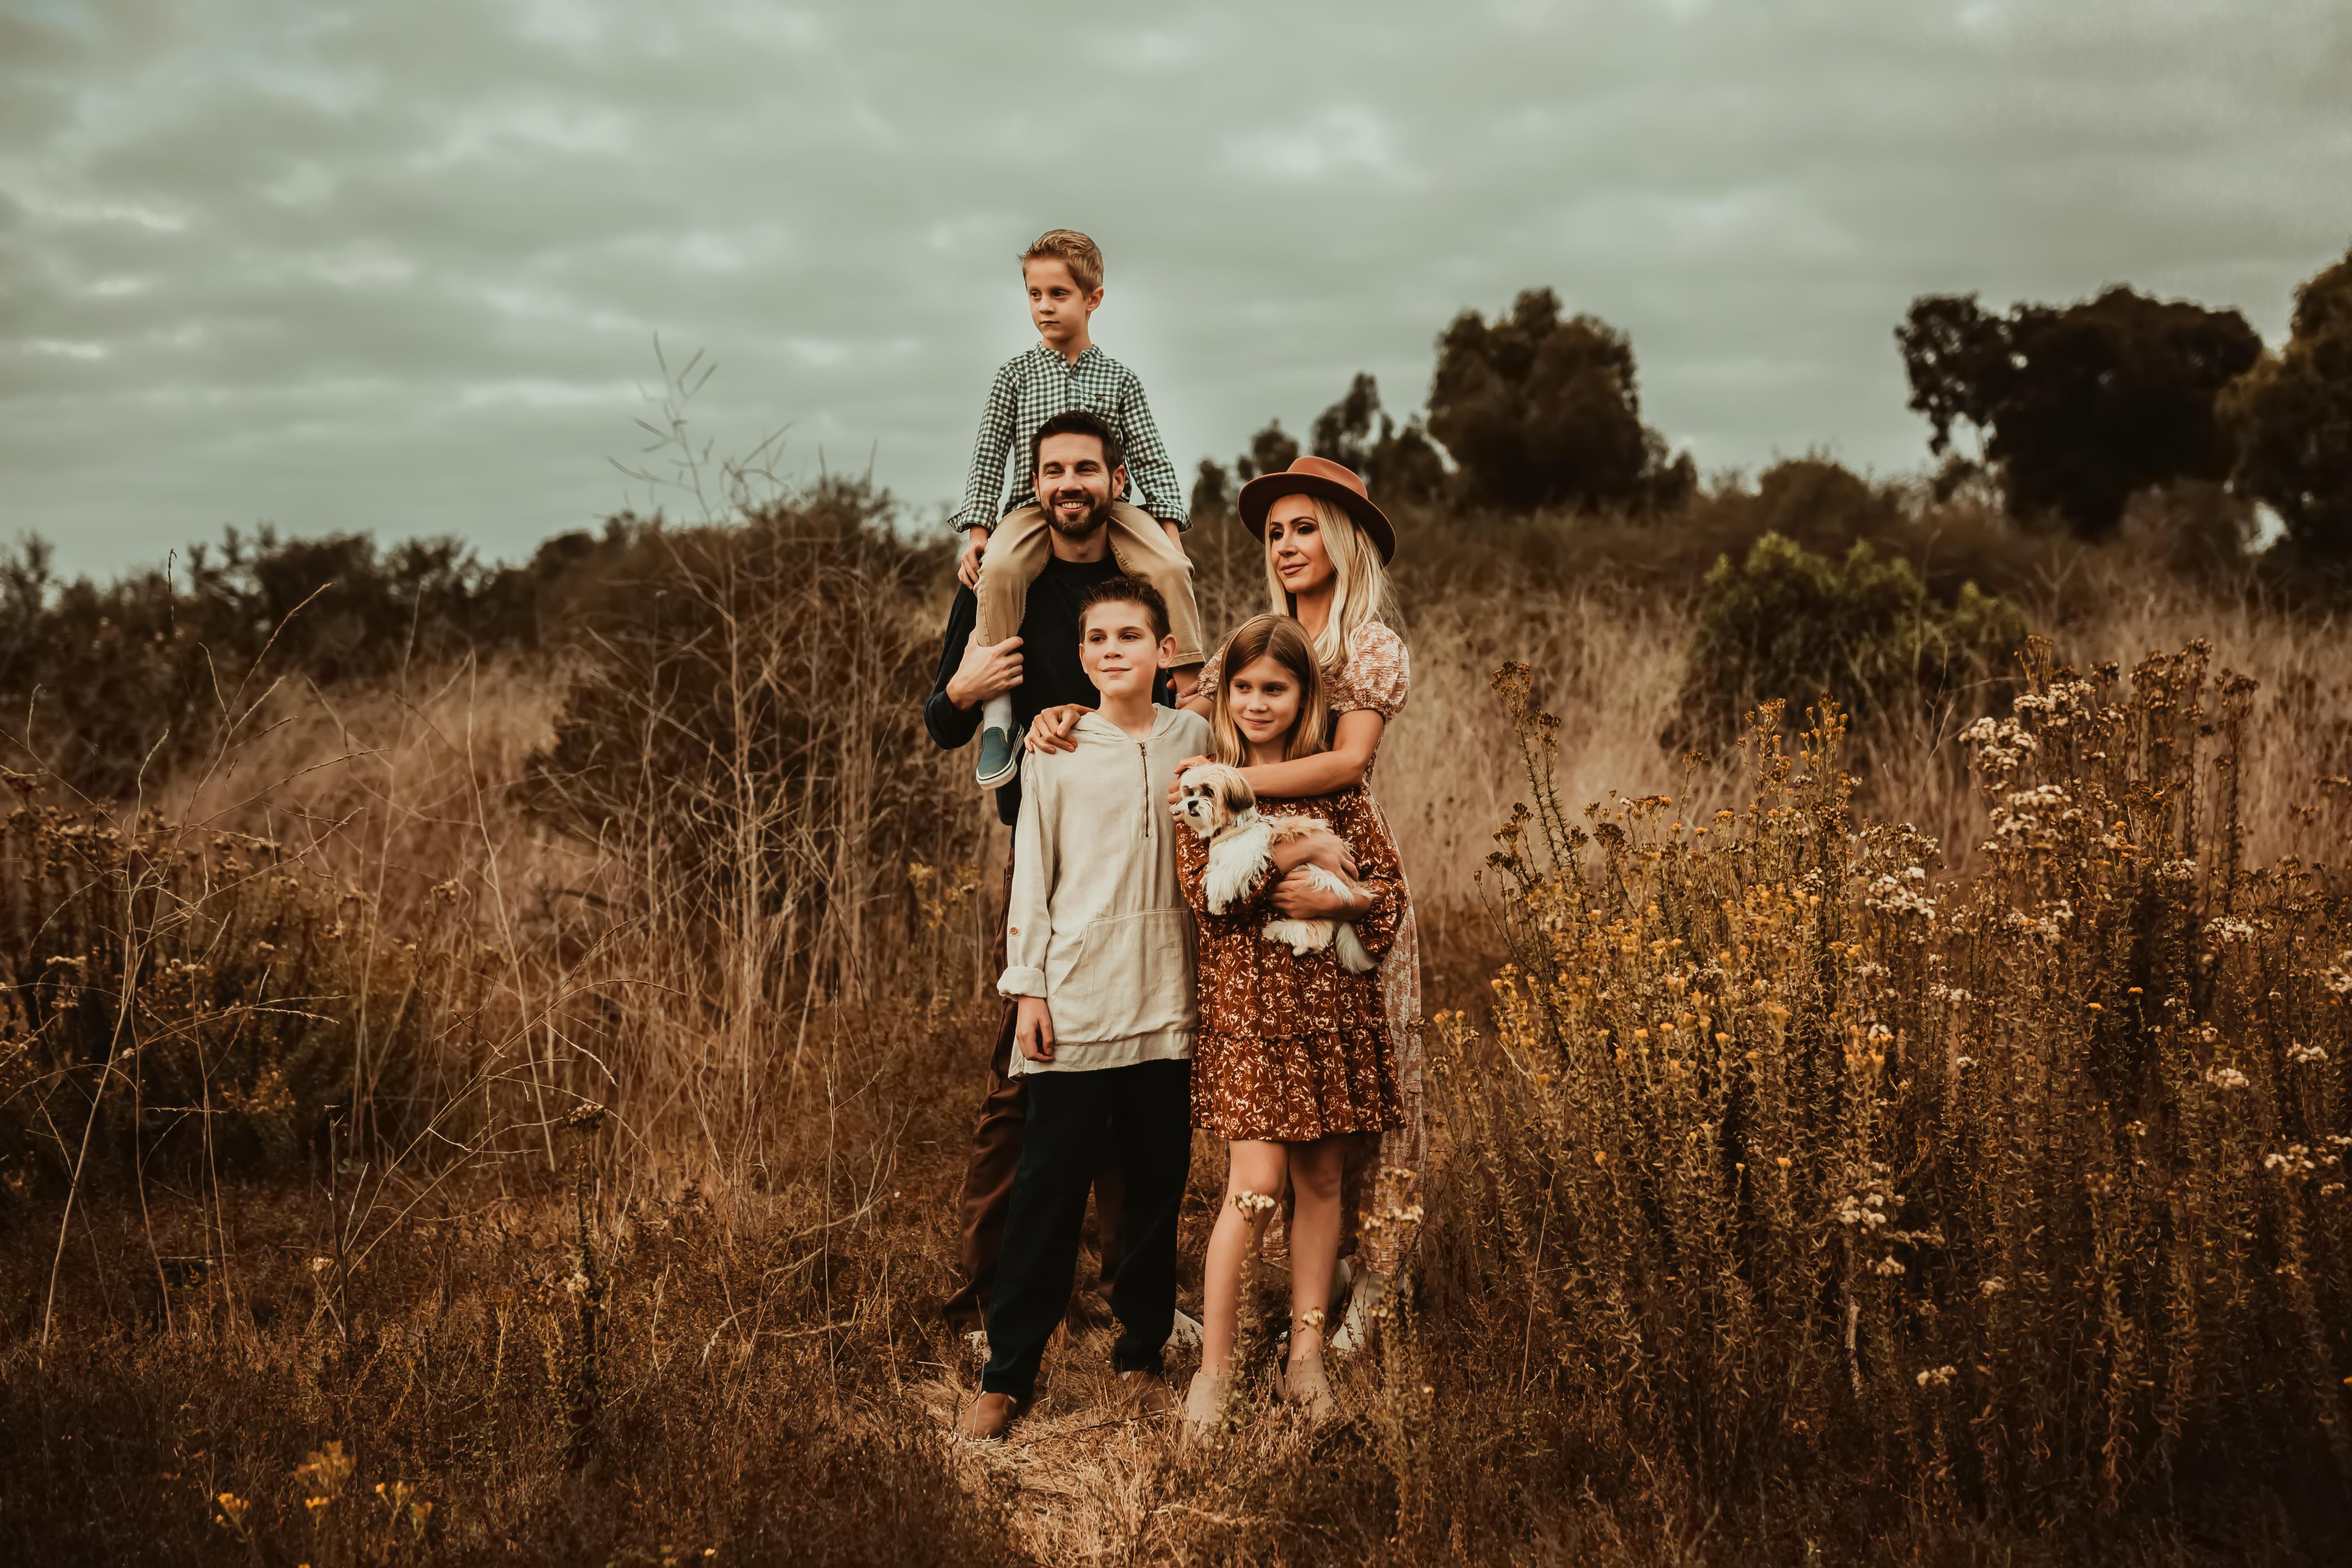 Family / Lifestyle Shoot